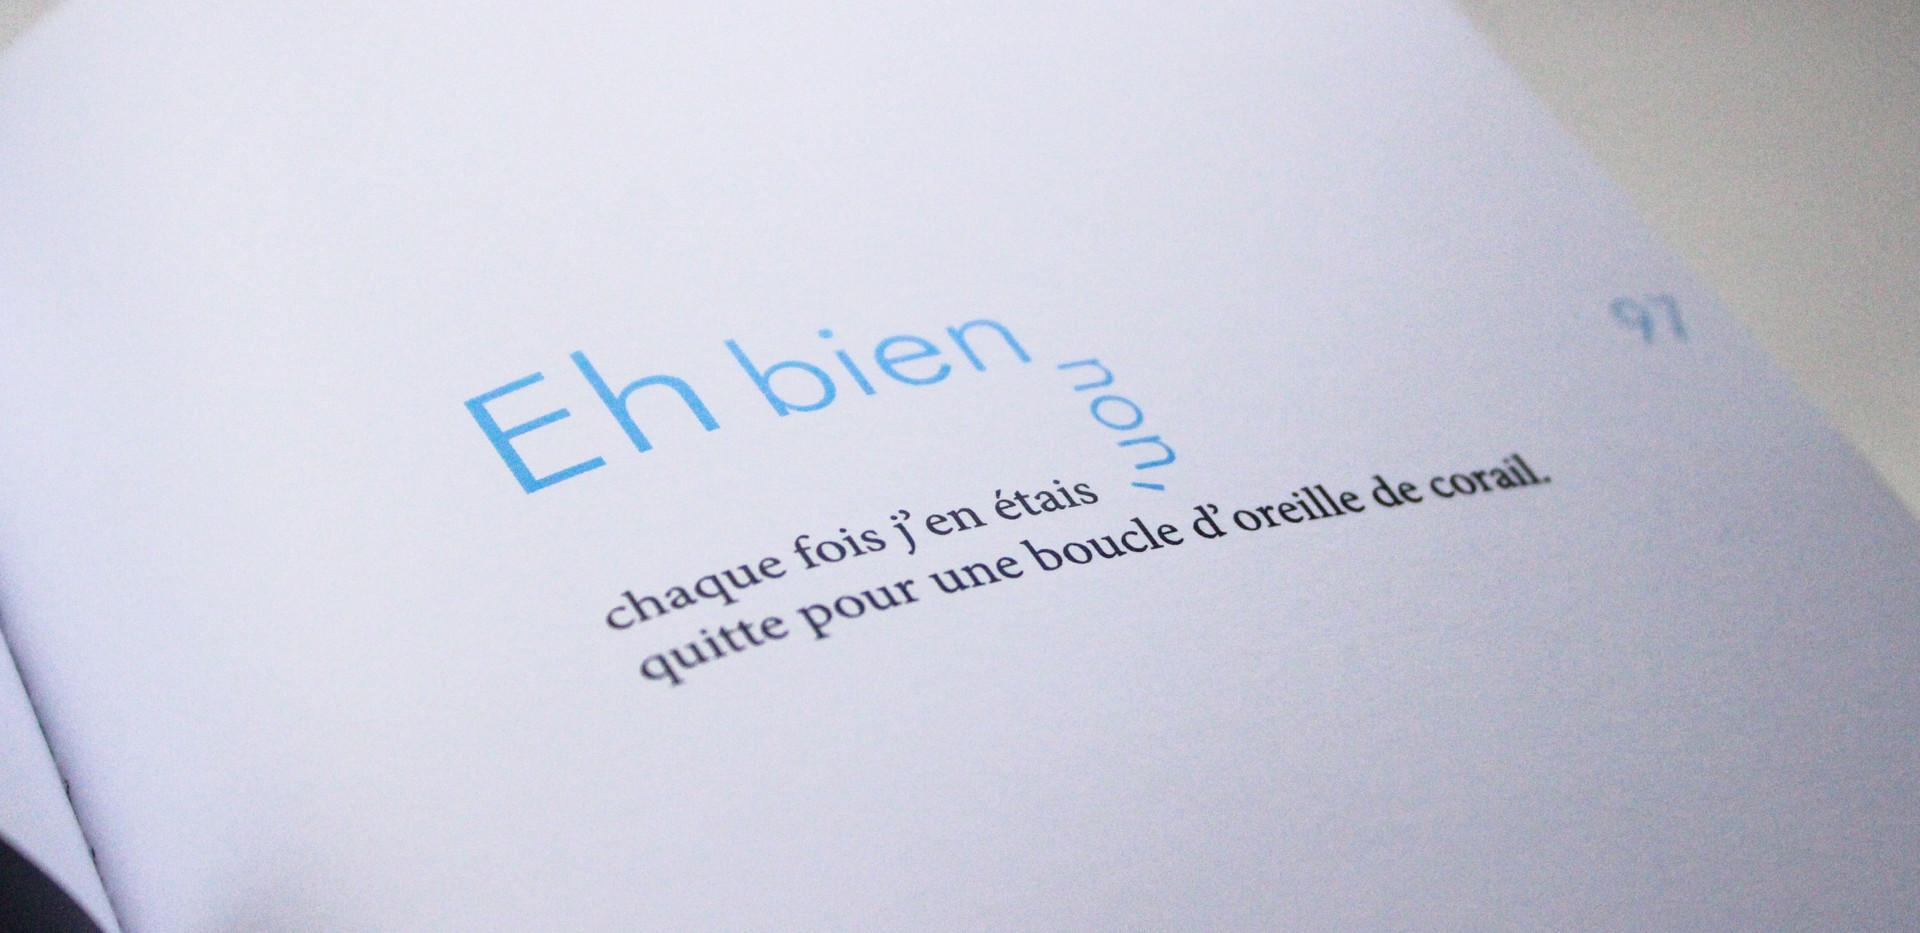 Poulettes_6.jpg